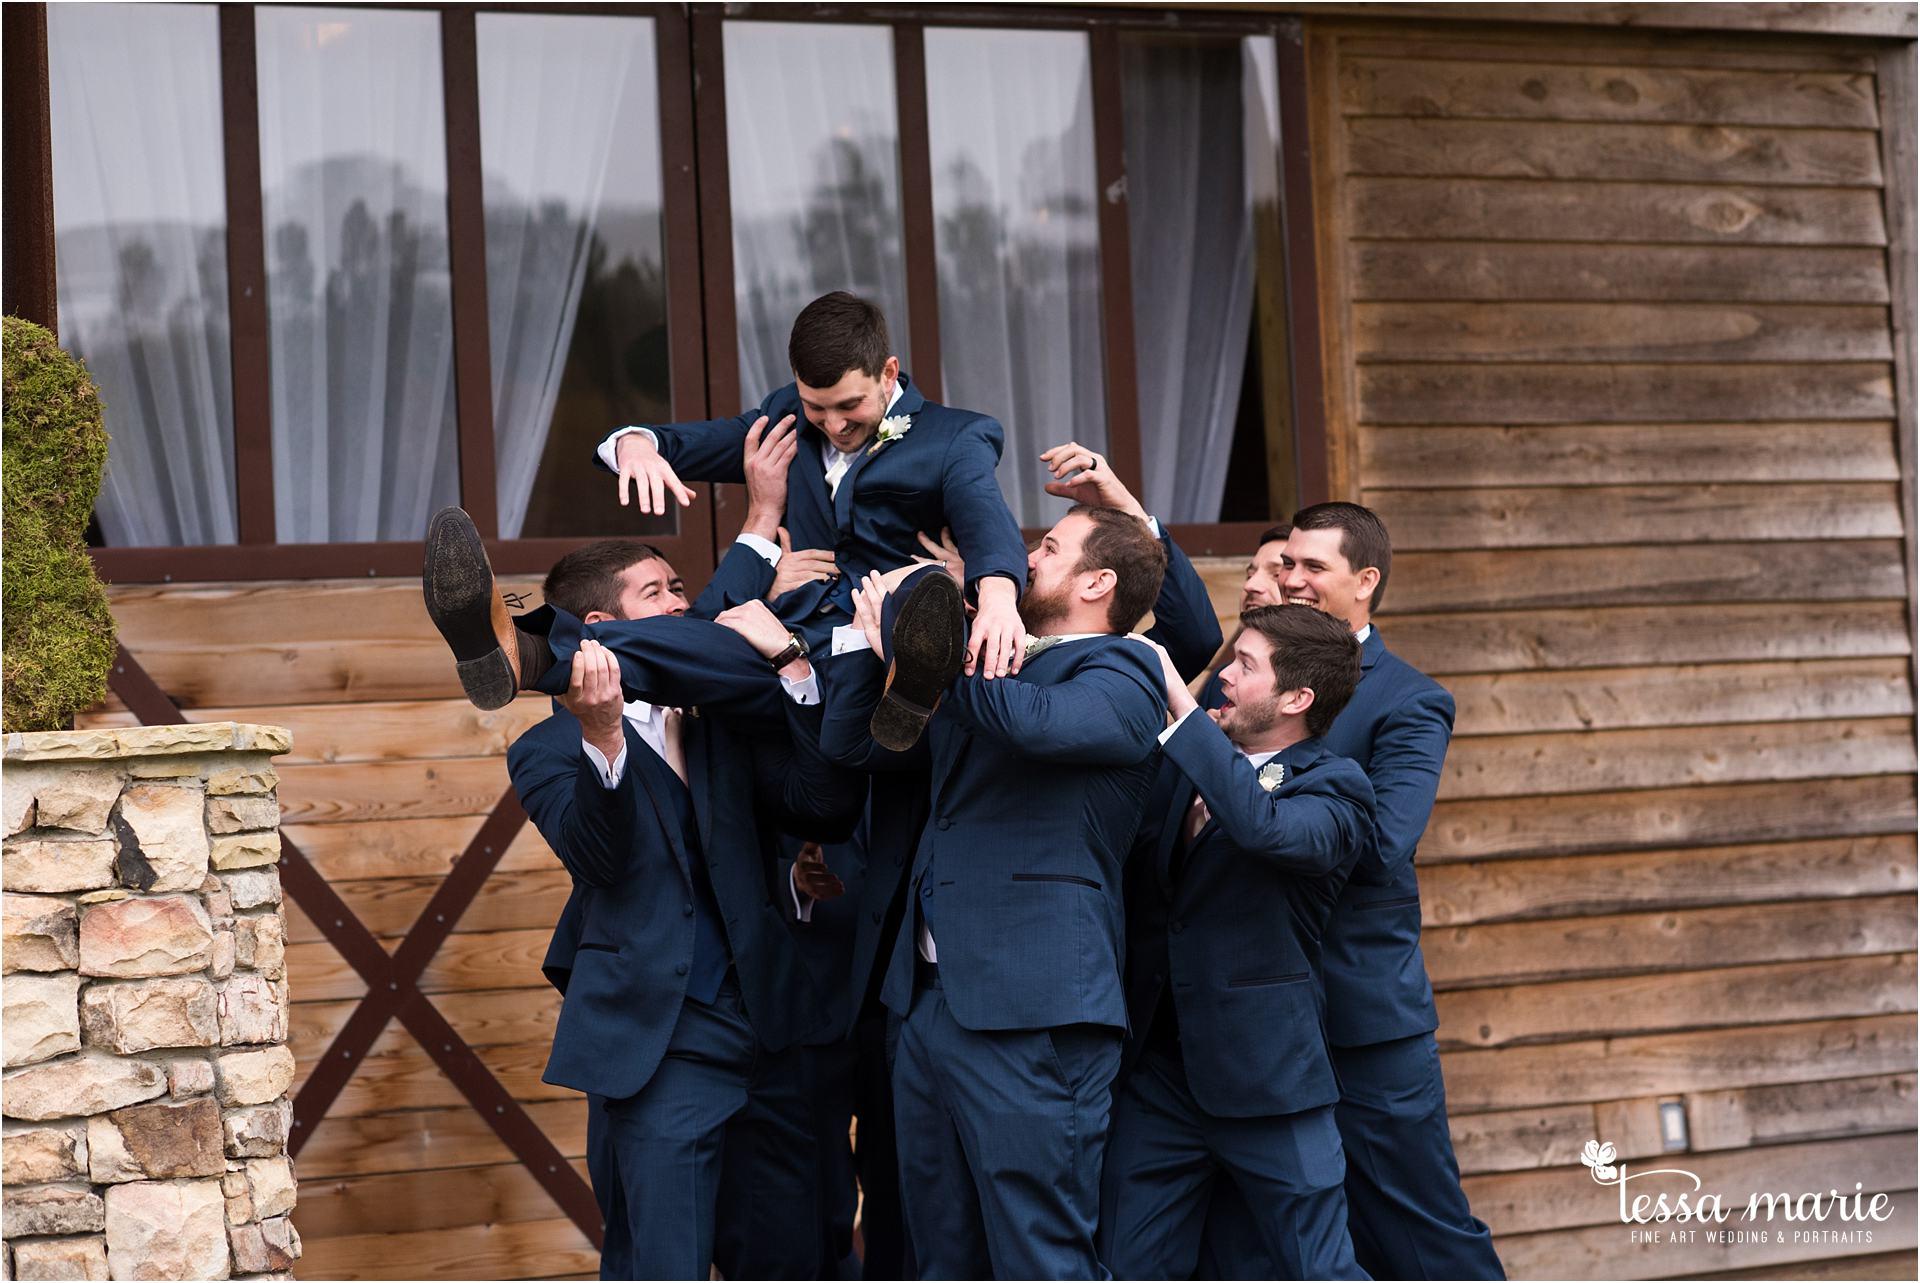 032216_brittany_kevin_wedding-77